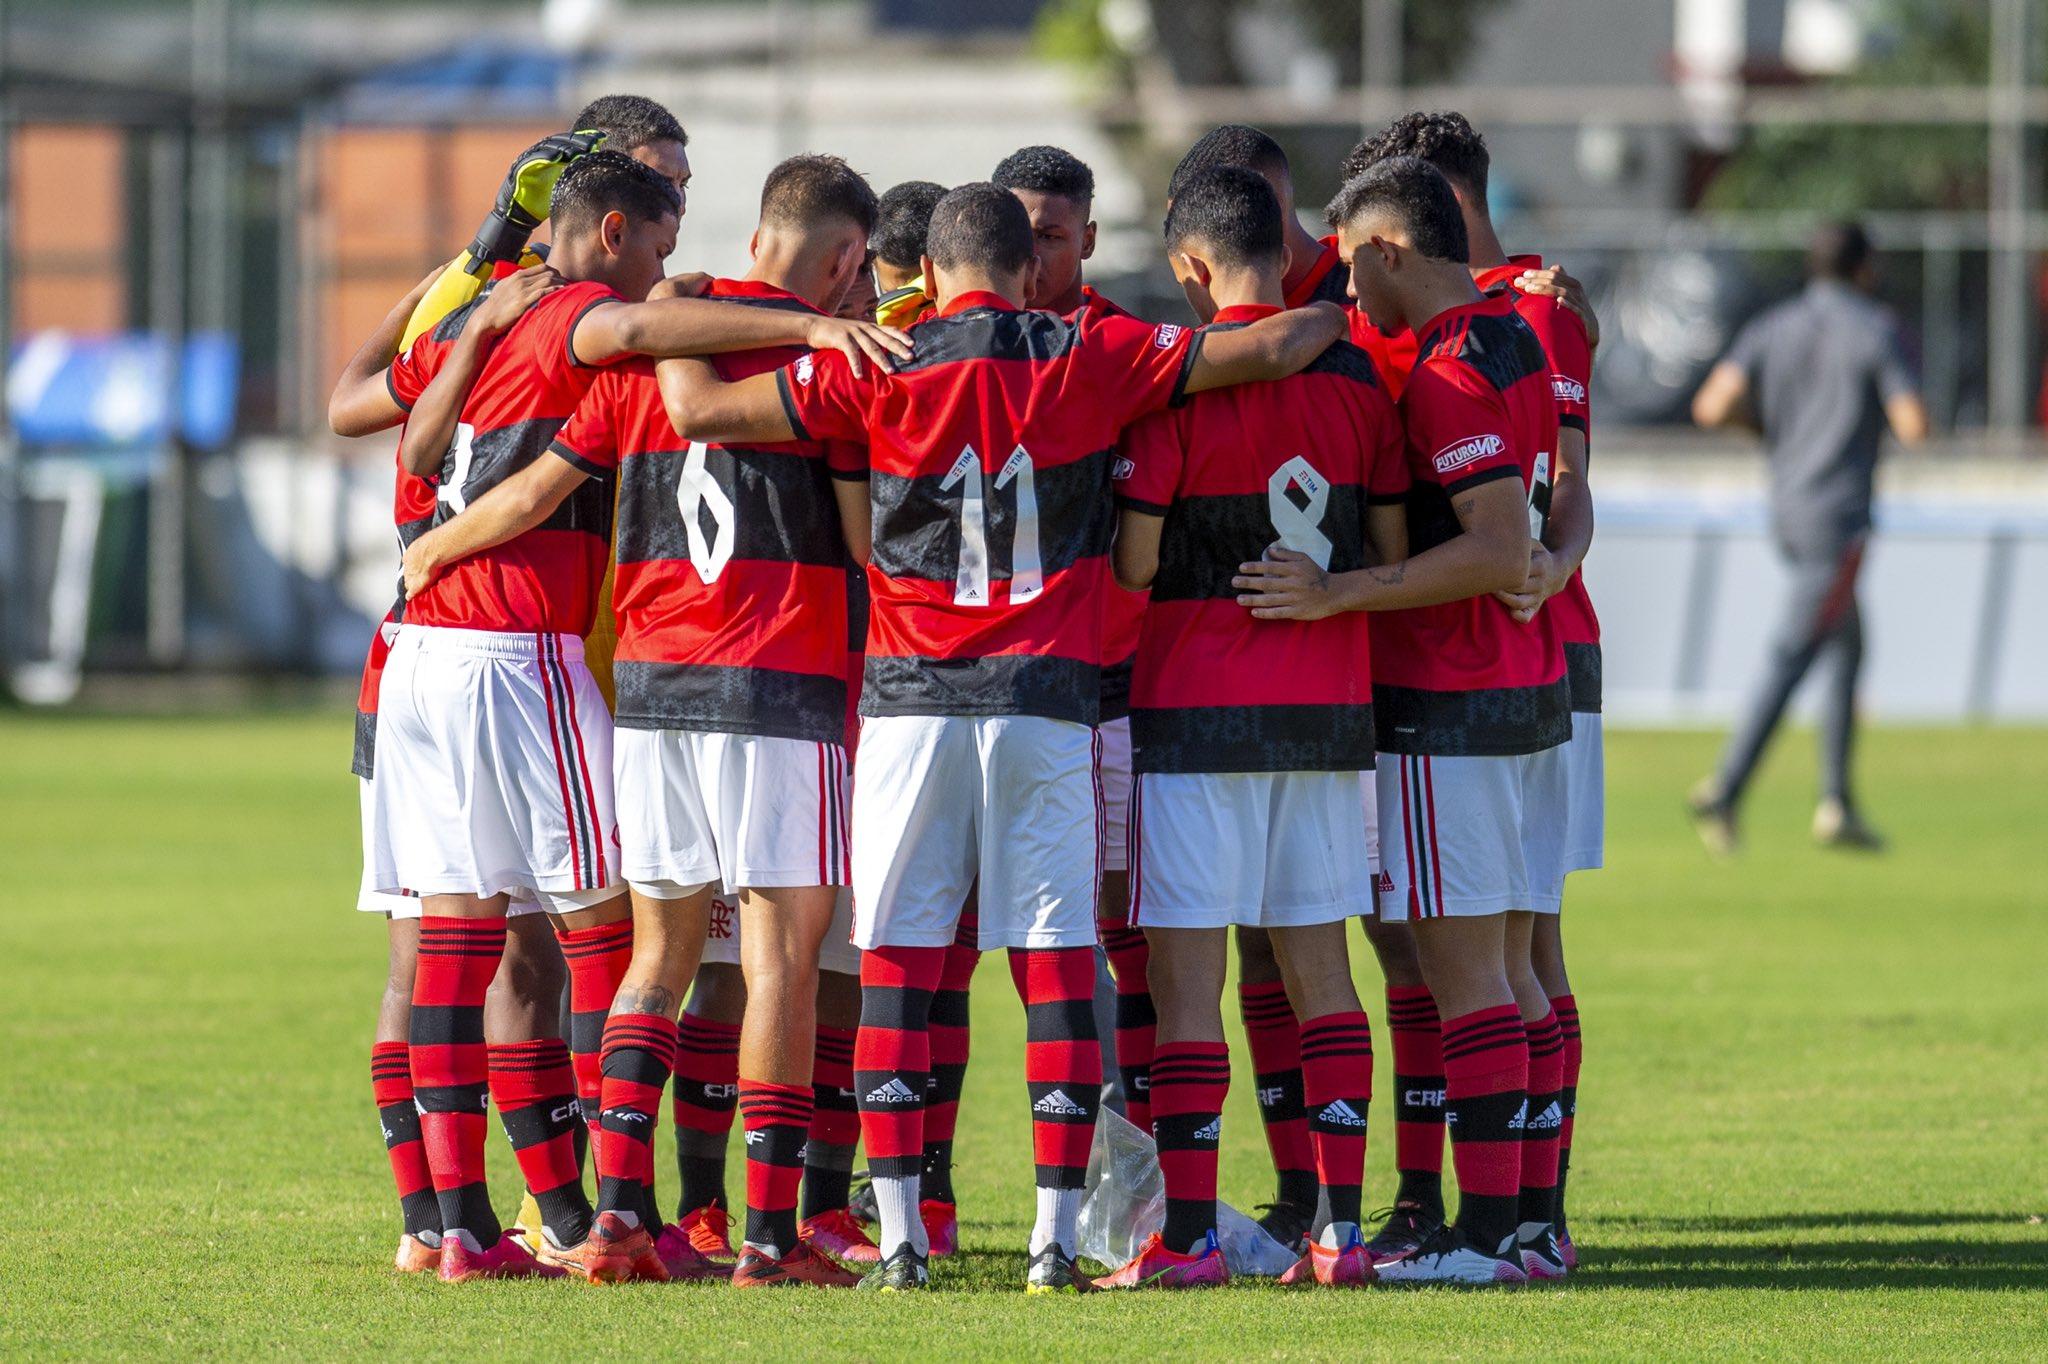 Equipe sub-17 do Flamengo